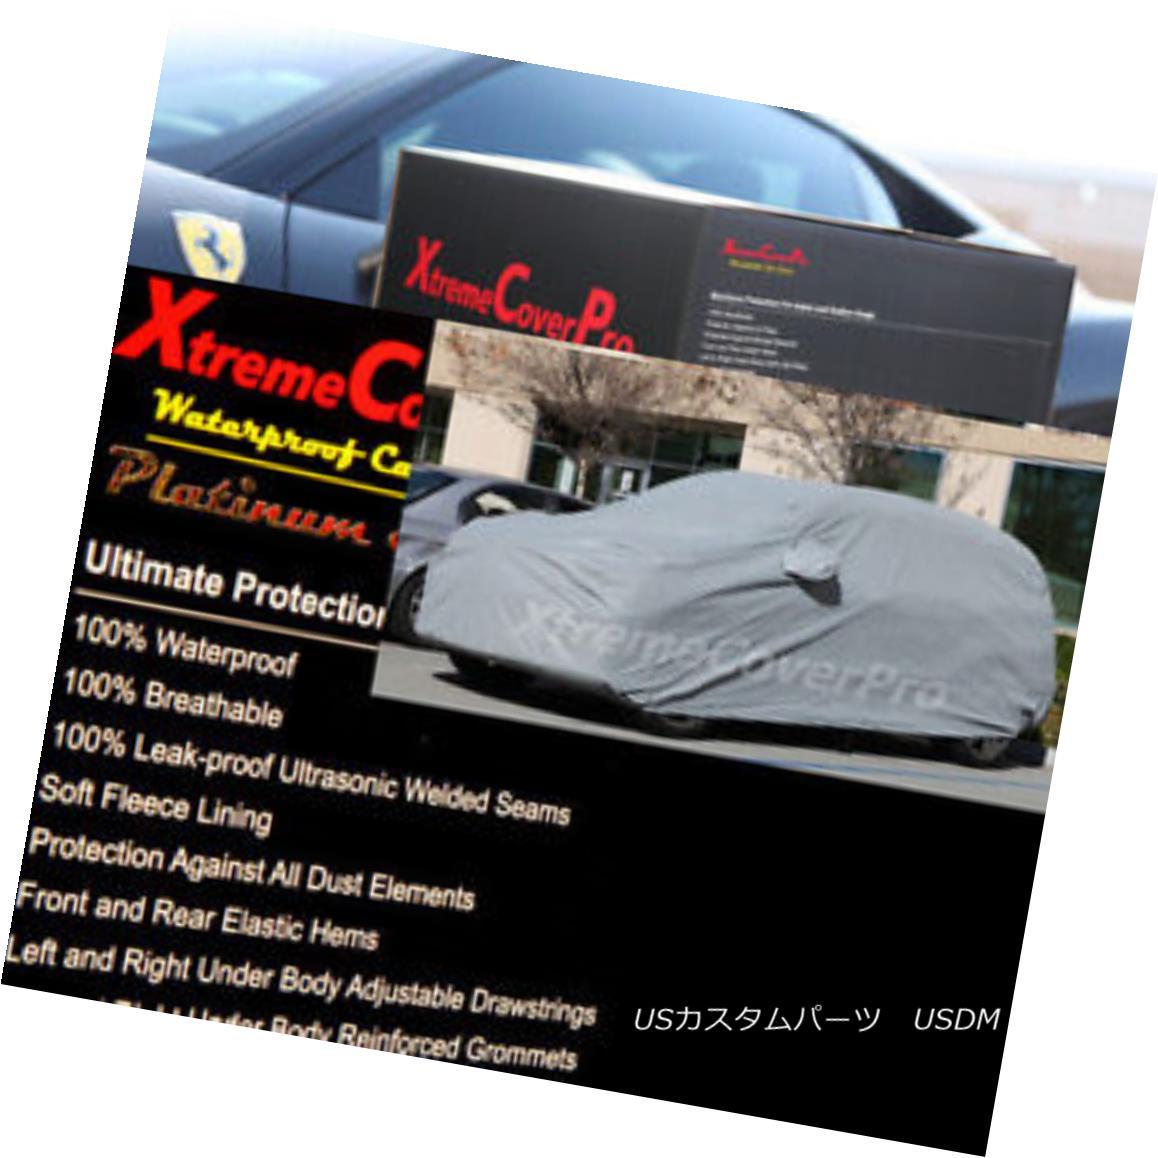 カーカバー 2010 2011 2012 2013 Lincoln MKT Waterproof Car Cover w/MirrorPocket 2010年2011年2013年リンカーンMKT防水カーカバー付きMirrorPocket